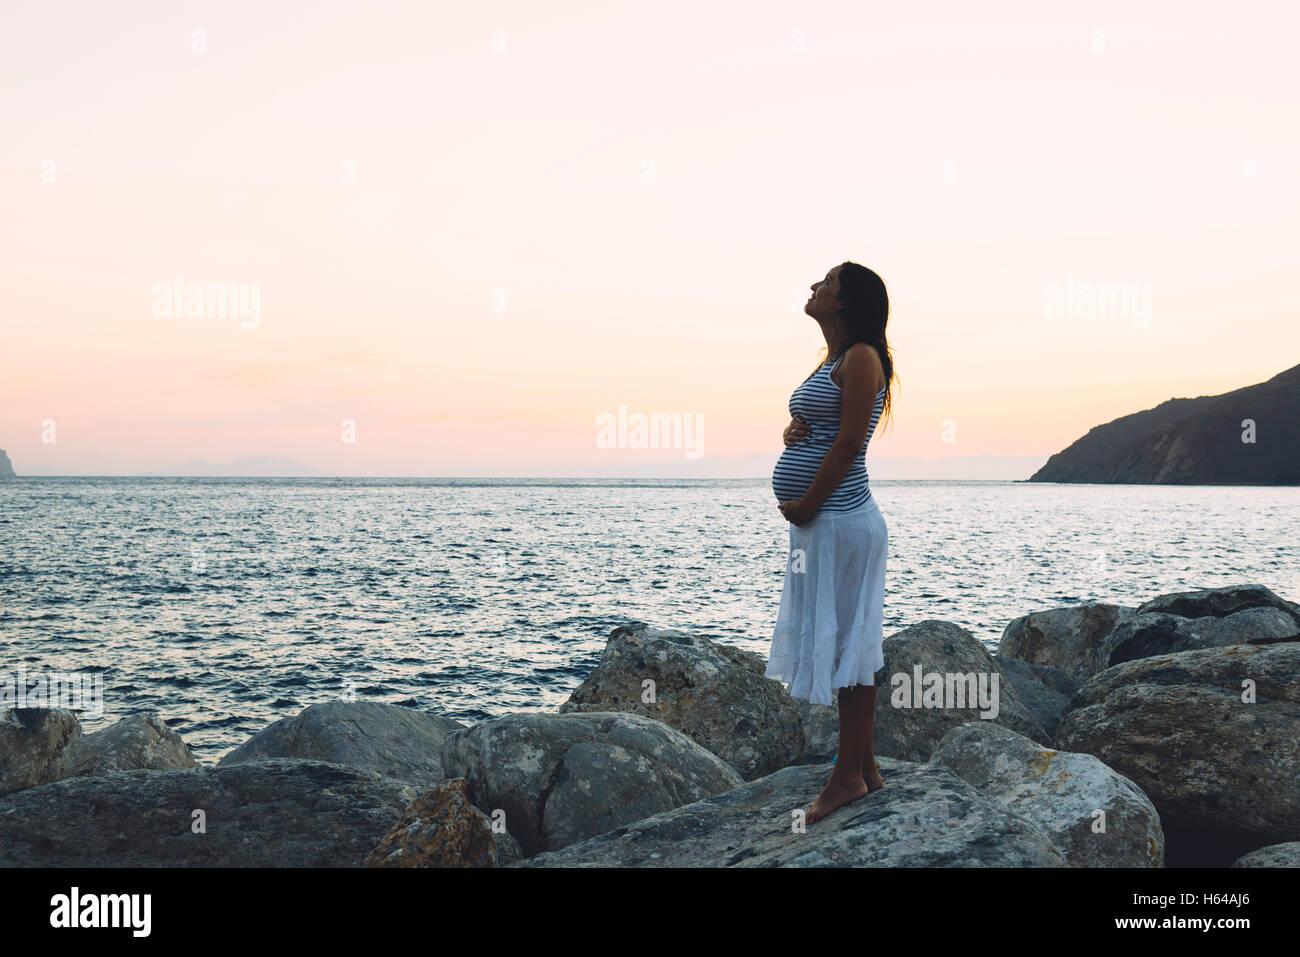 22b23bba5 Mujer embarazada de pie sobre una roca frente al mar al atardecer Imagen De  Stock